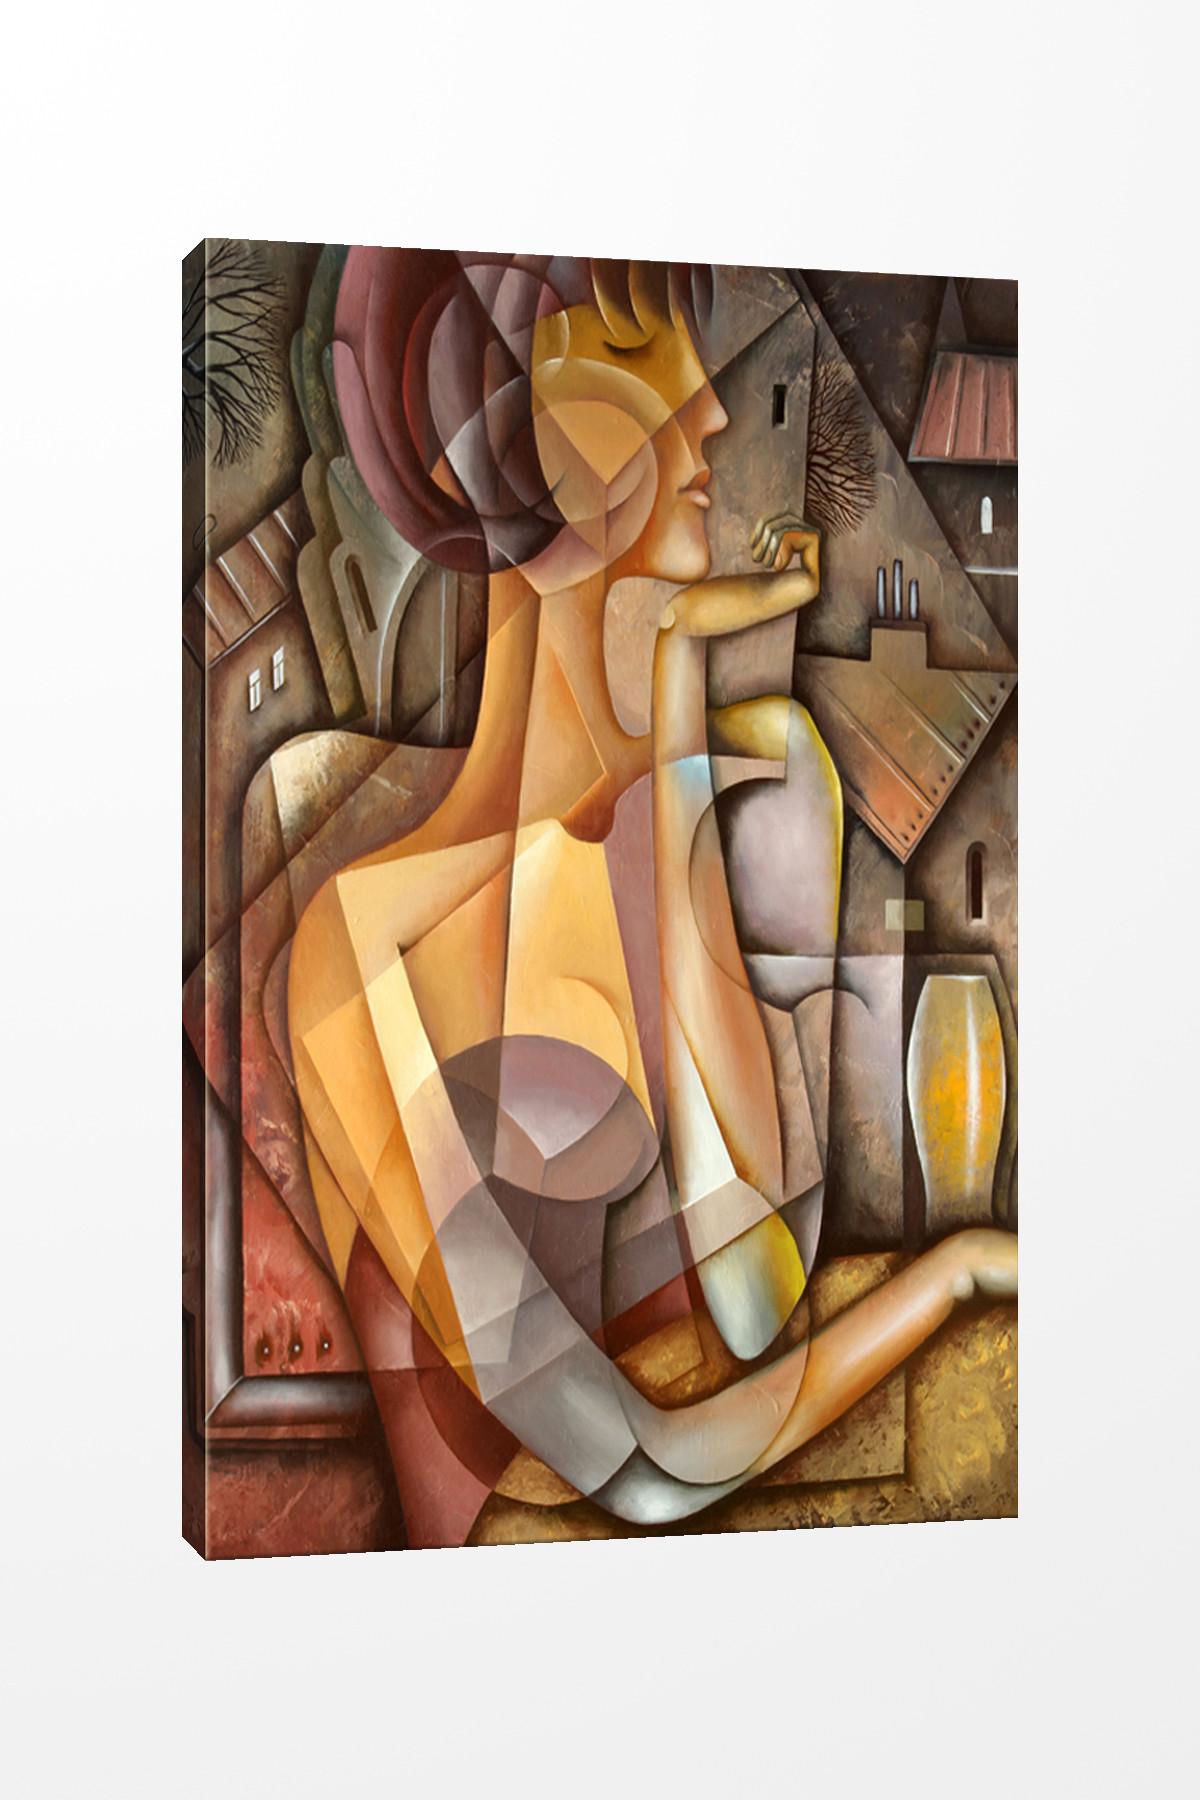 50x70cm Dekoratif Kanvas Tablo ART314553080-5070